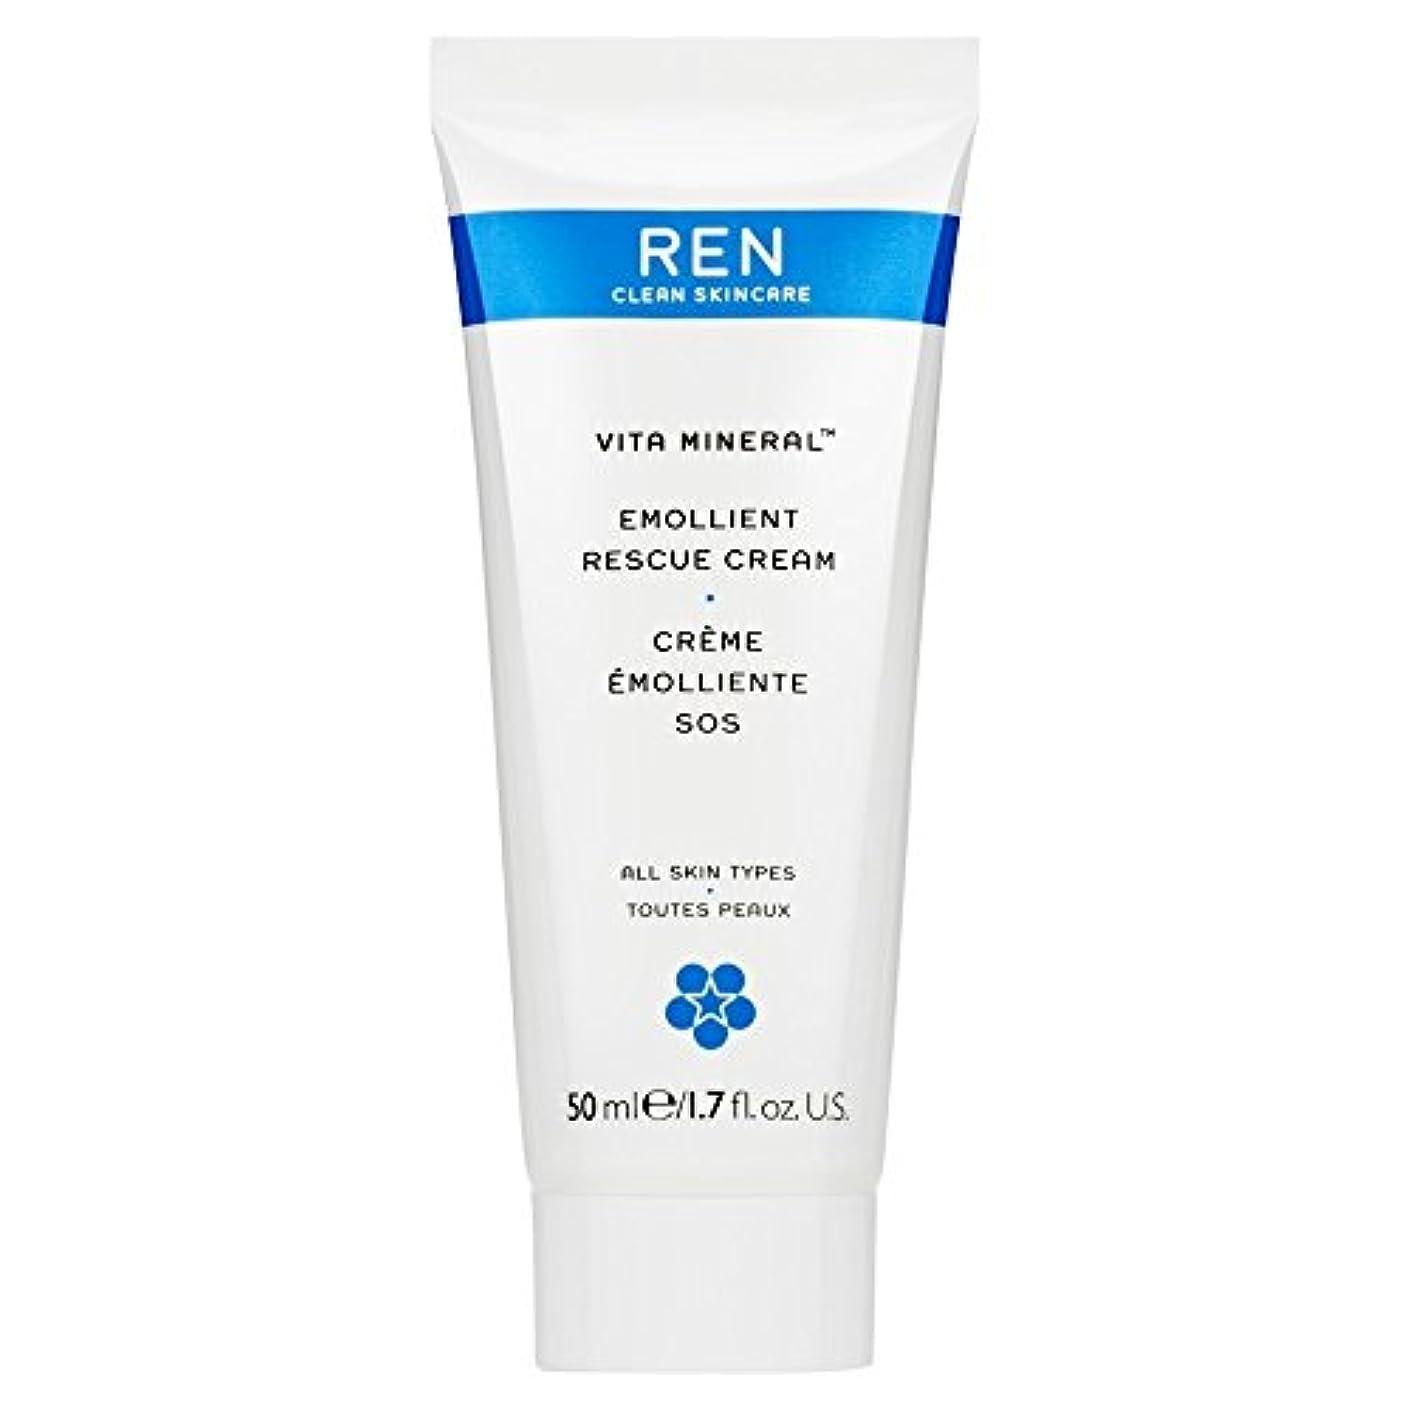 キャリッジ敬礼故意のRenヴィータミネラルレスキュークリーム、50ミリリットル (REN) - REN Vita Mineral Rescue Cream, 50ml [並行輸入品]